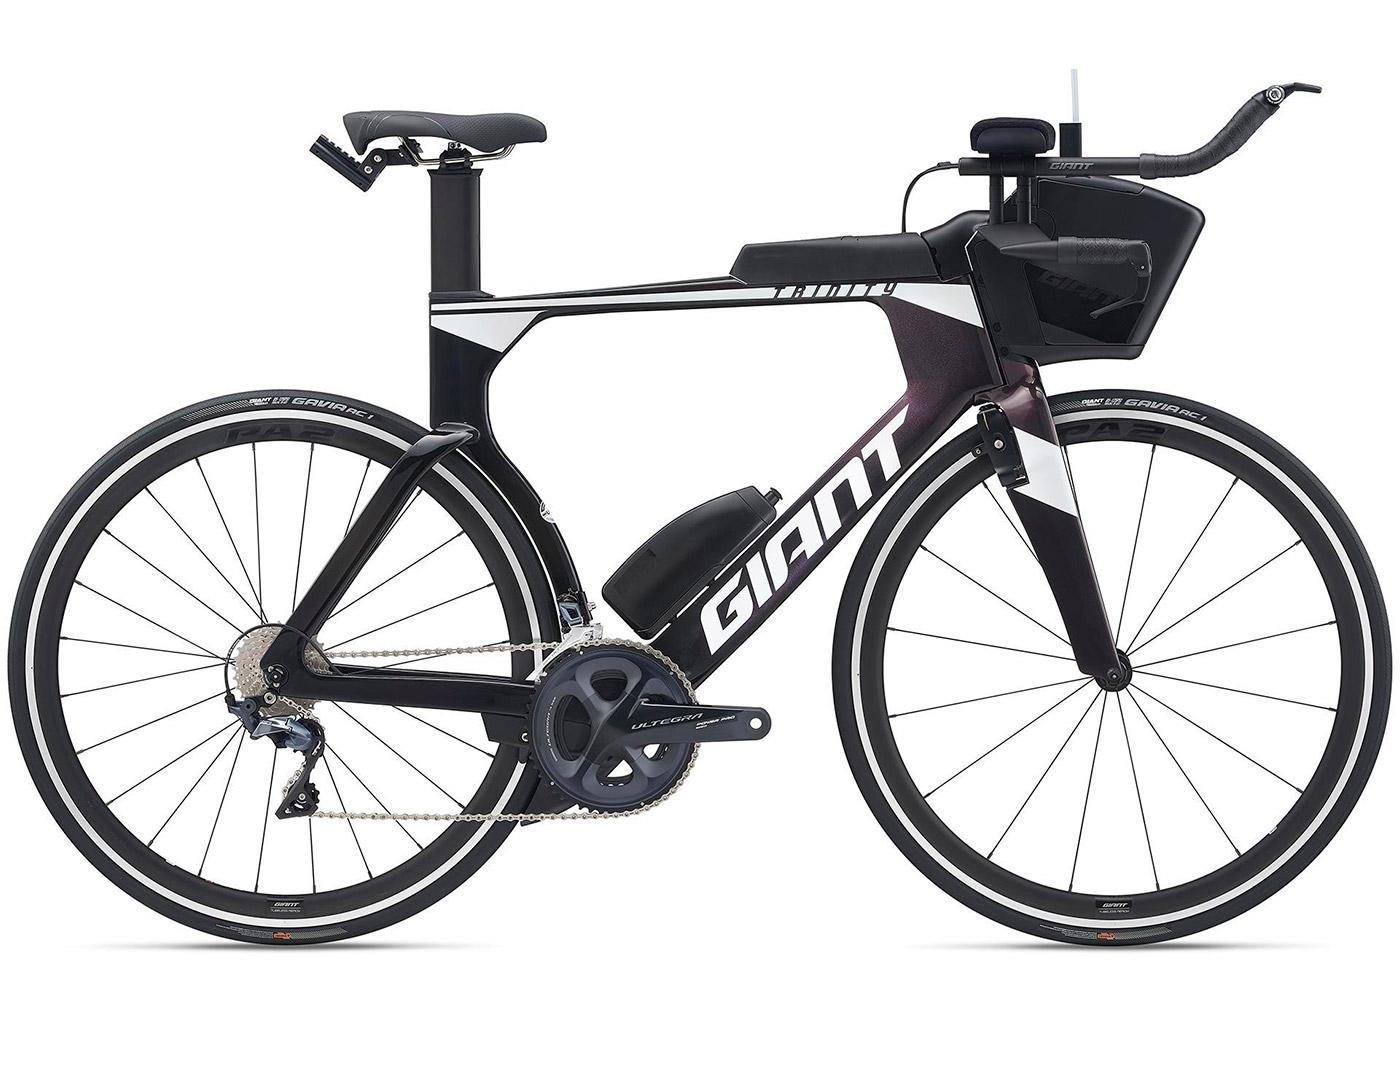 Велосипед Giant Trinity Advanced Pro 2 (2021)